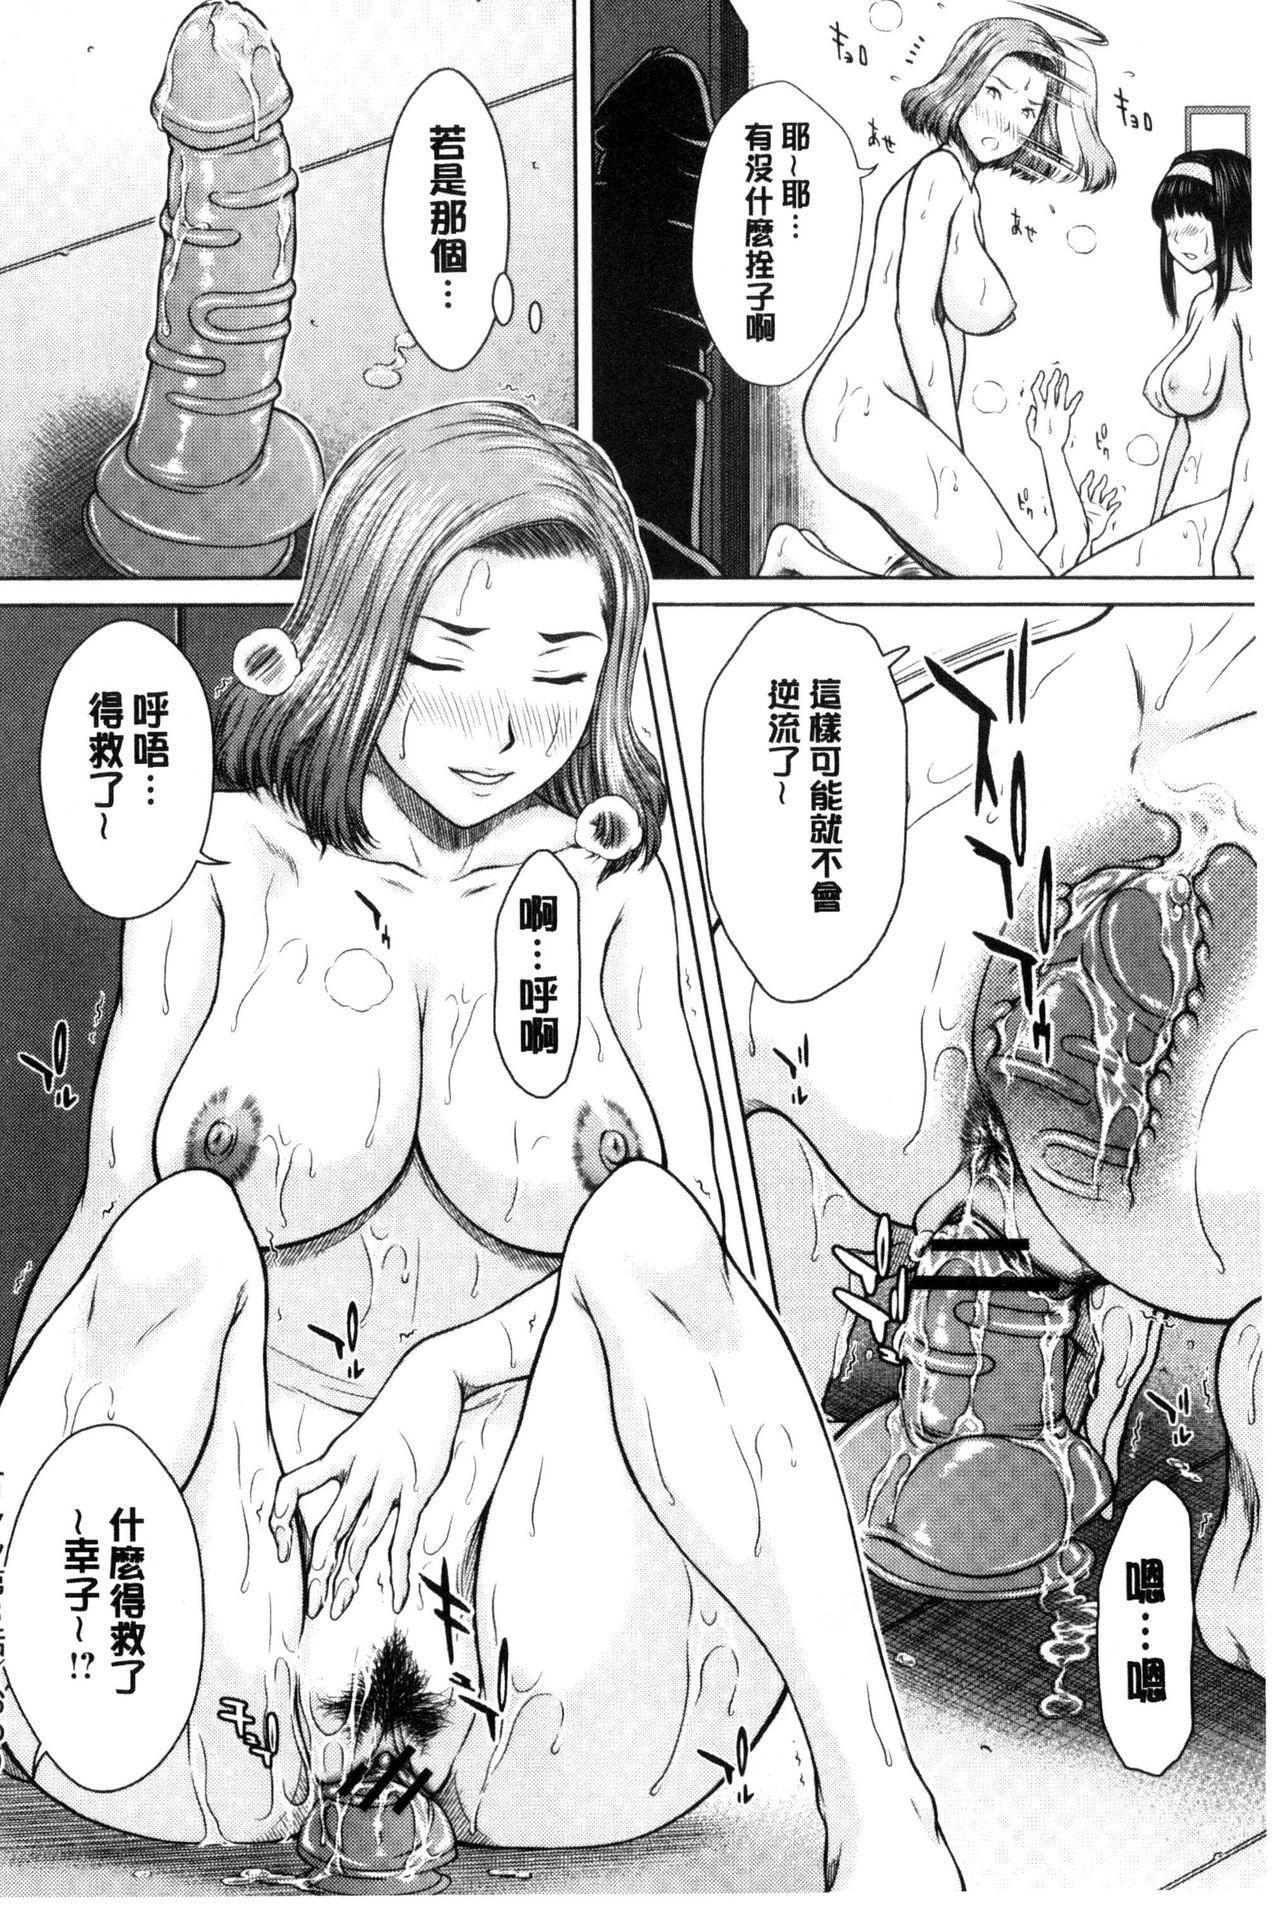 Mesukano Inbina Mesu Kanojotachi To No Hibi 138